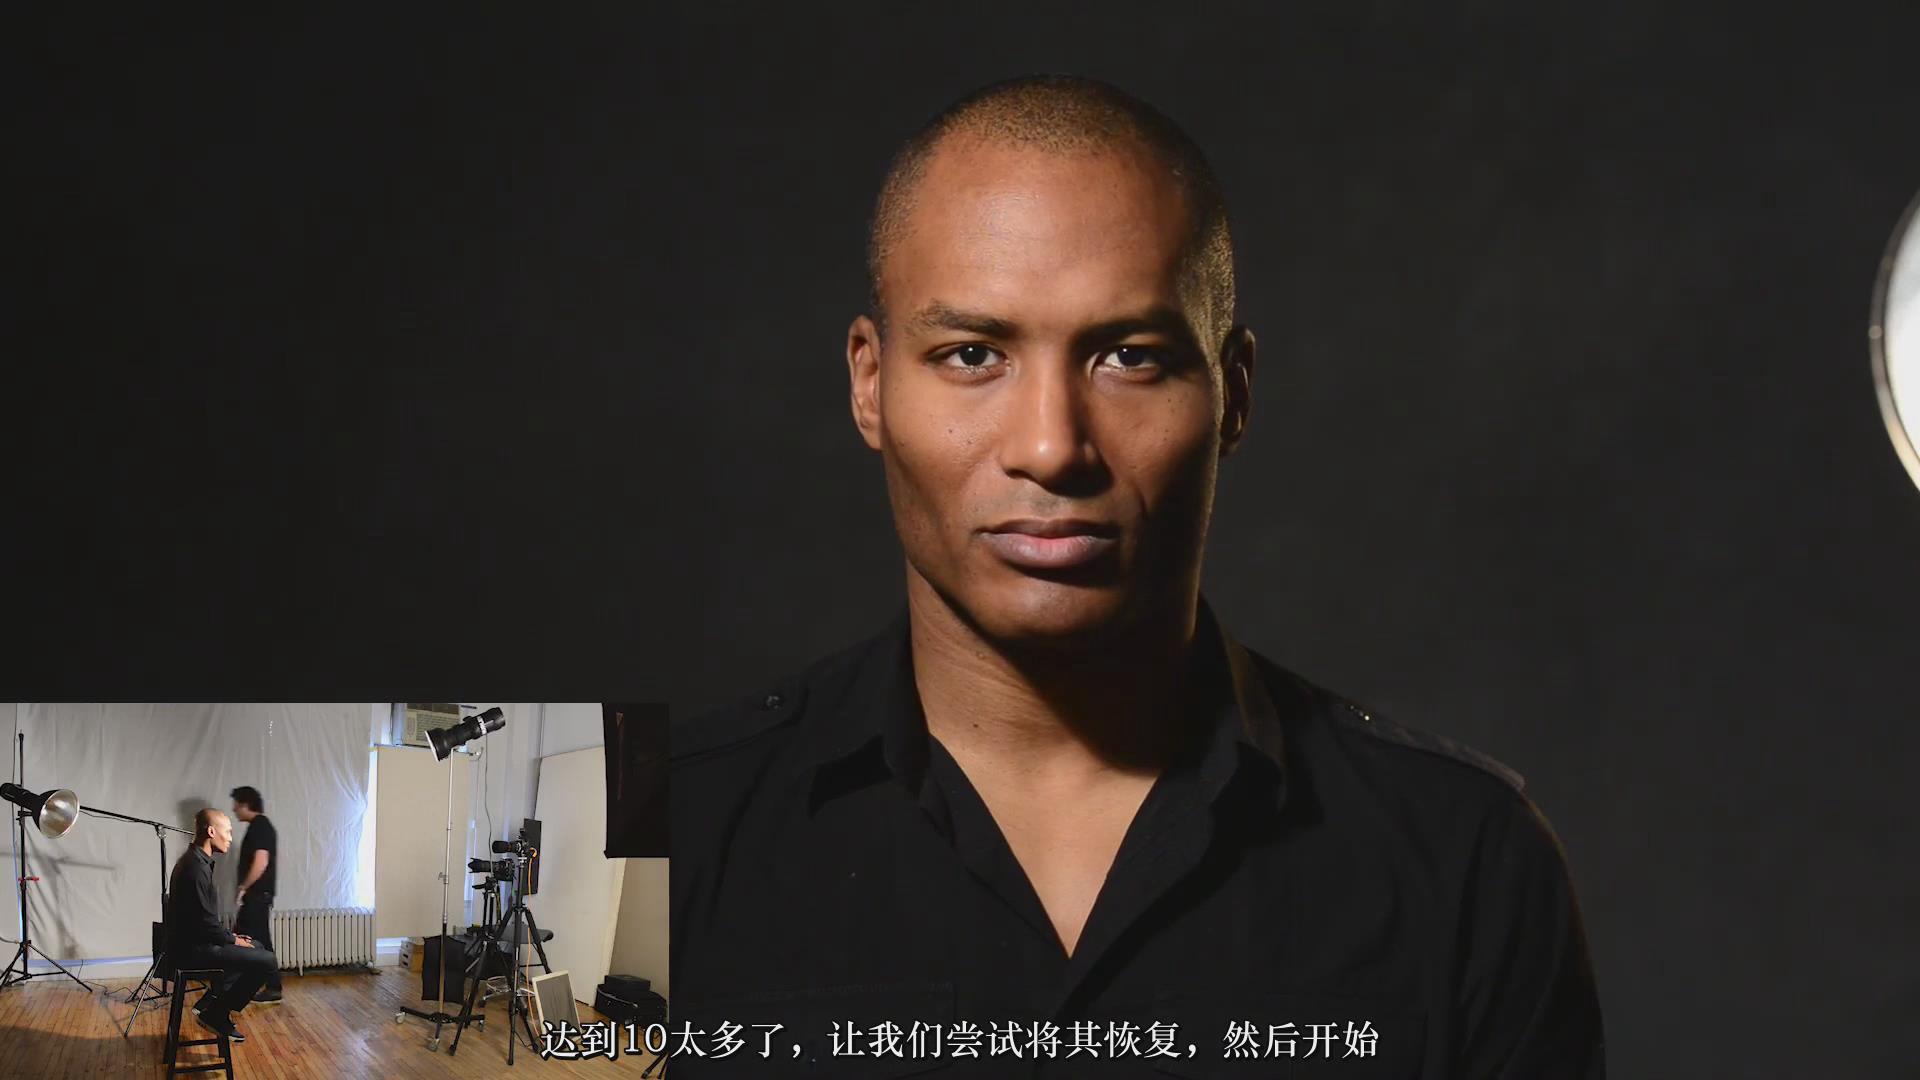 摄影教程_Fstoppers-彼得·赫利(Peter Hurley)完美头像人像面部布光教程-中文字幕 摄影教程 _预览图7